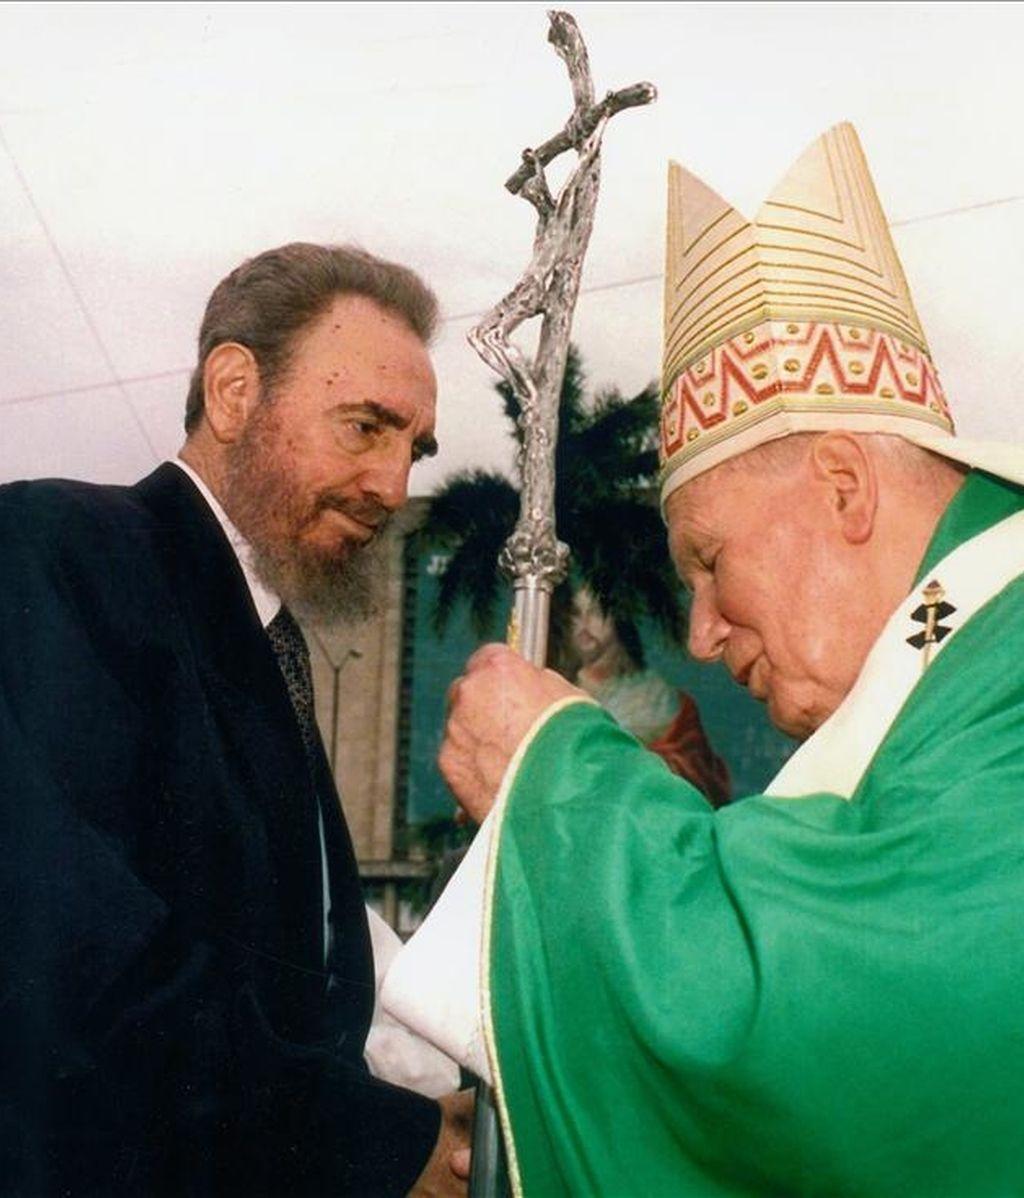 El papa Juan Pablo II saludando al presidente cubano Fidel Castro durante una misa celebrada en la plaza de la Revolución, en La Habana, el 25 de enero de 1998. EFE